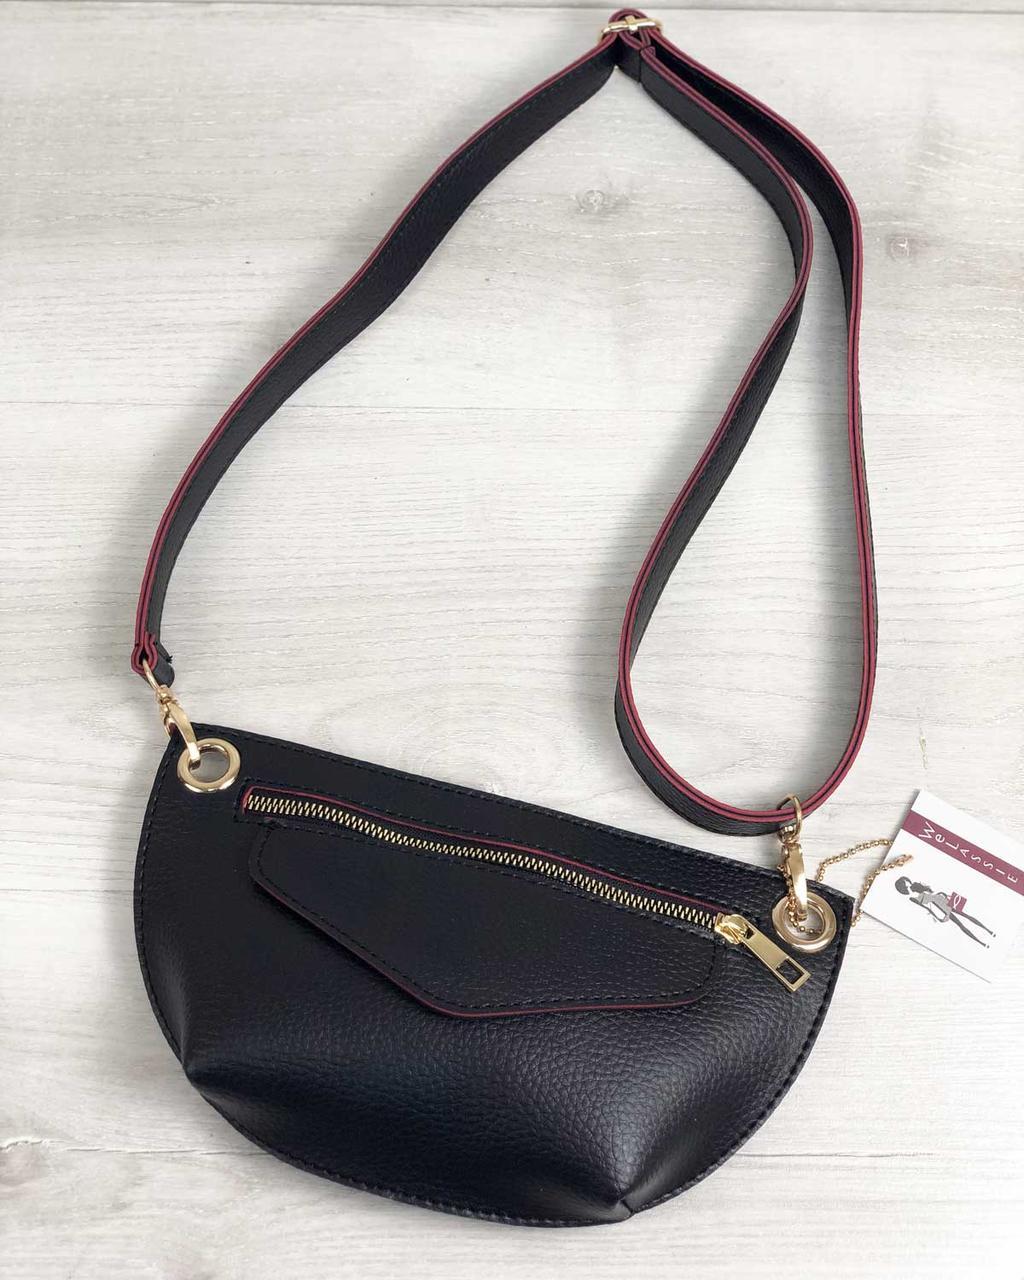 65906bf652c3 Женская сумка сумка на пояс- клатч Нана черного с красным цвета